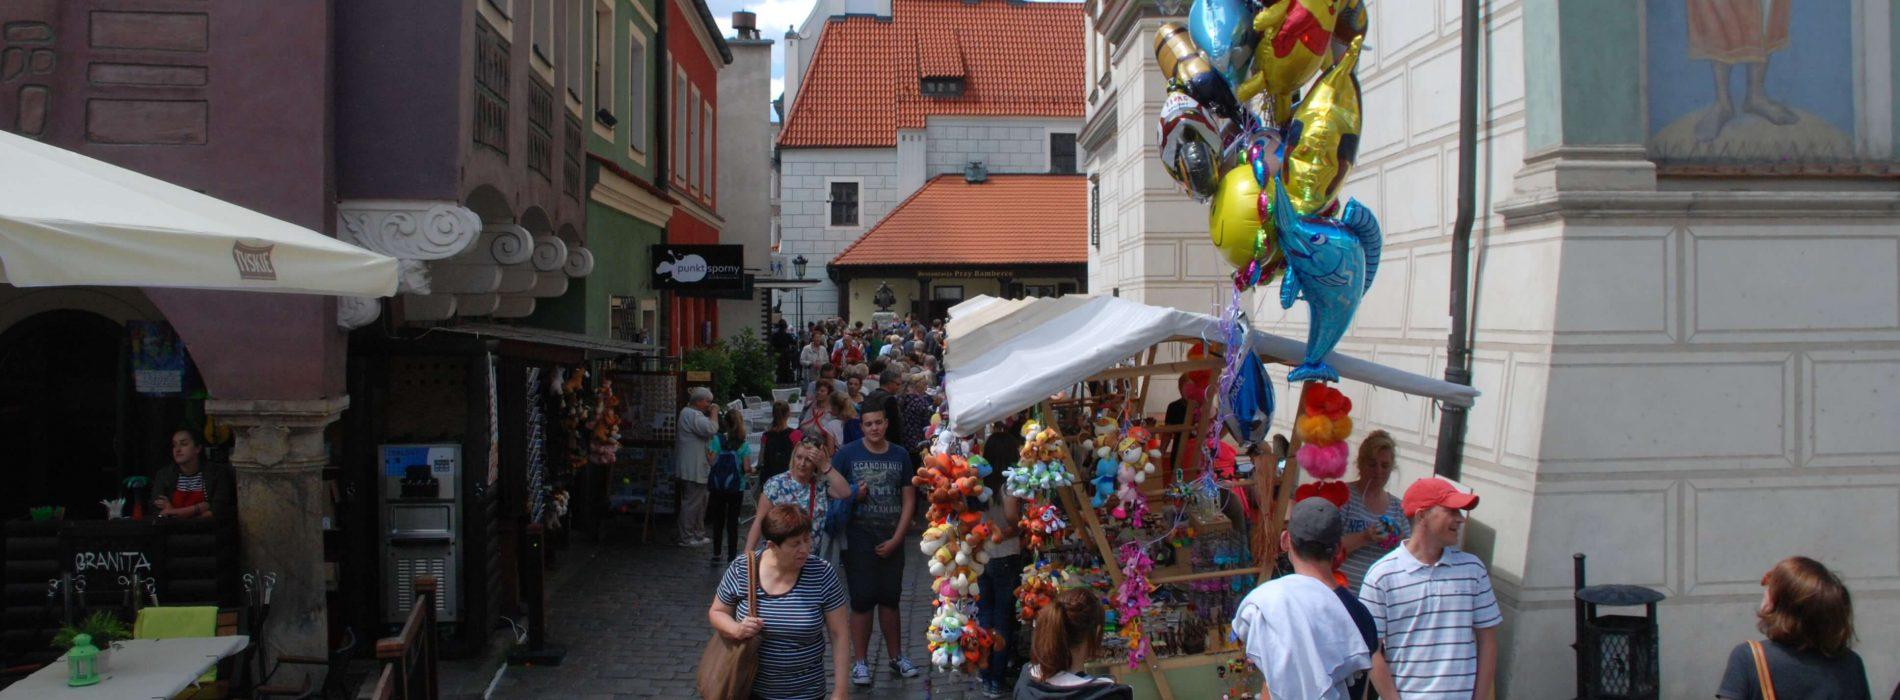 Poznań – blisko 100 straganów i weekendowe imprezy na Jarmarku Świętojańskim